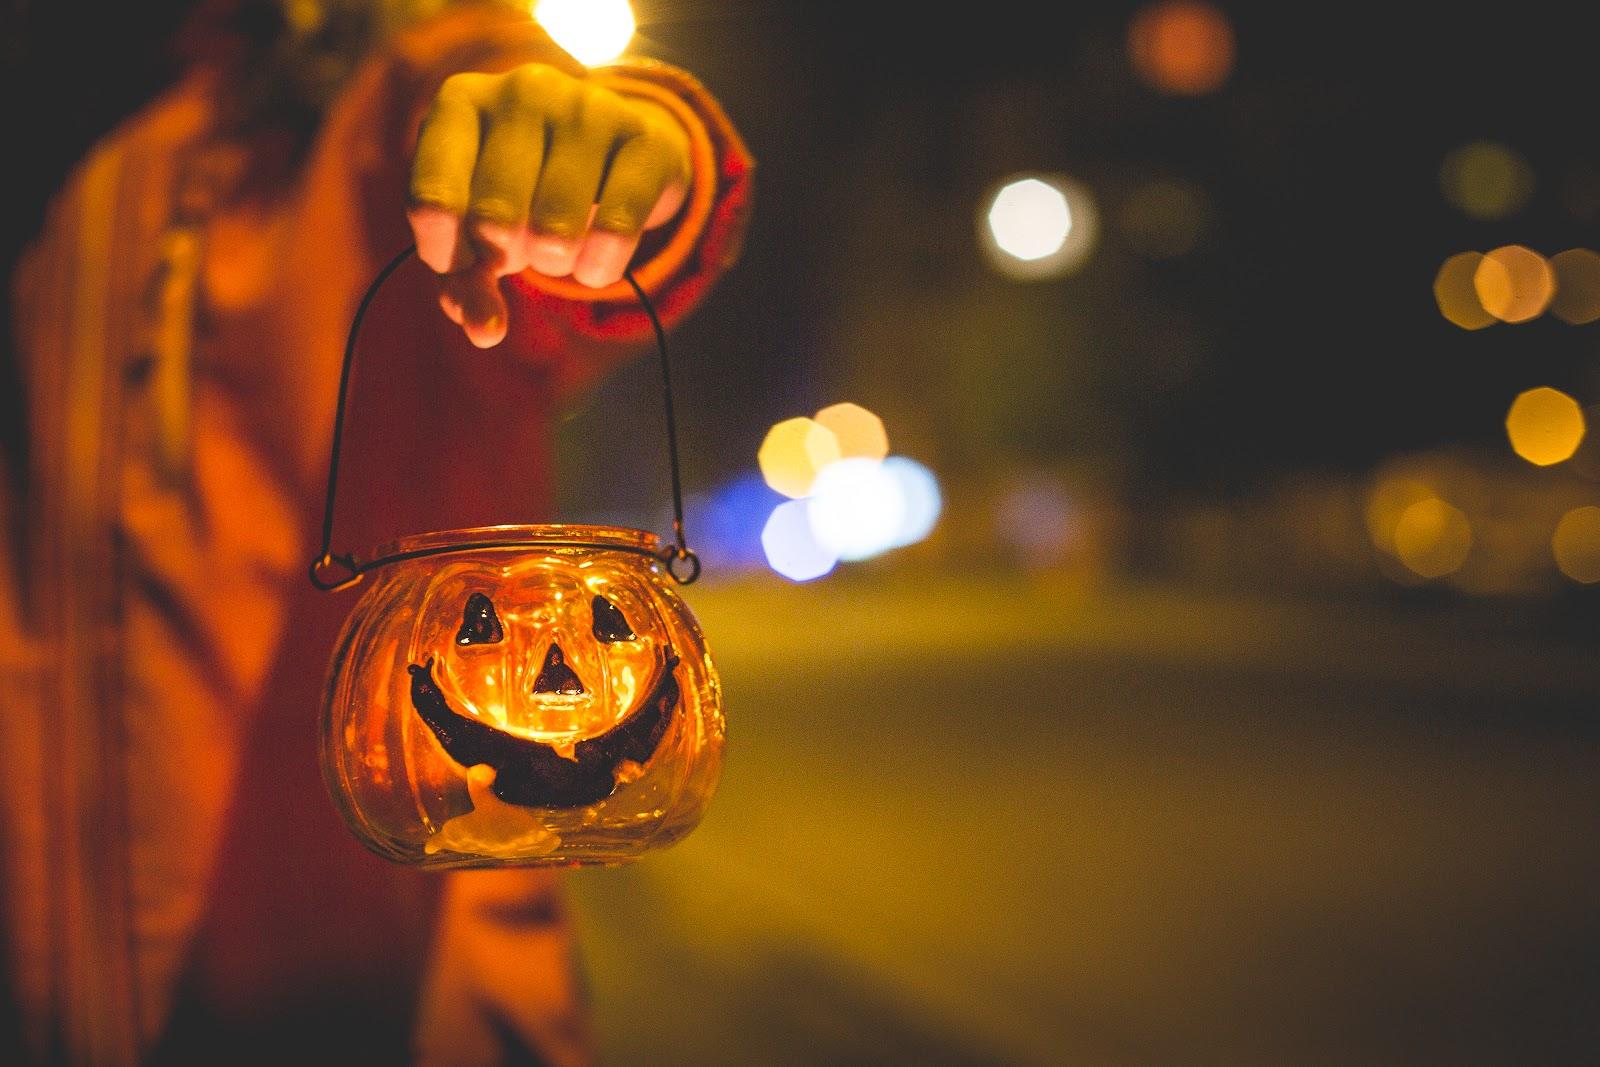 little-girl-holding-halloween-candle-holder-picjumbo-com.jpg